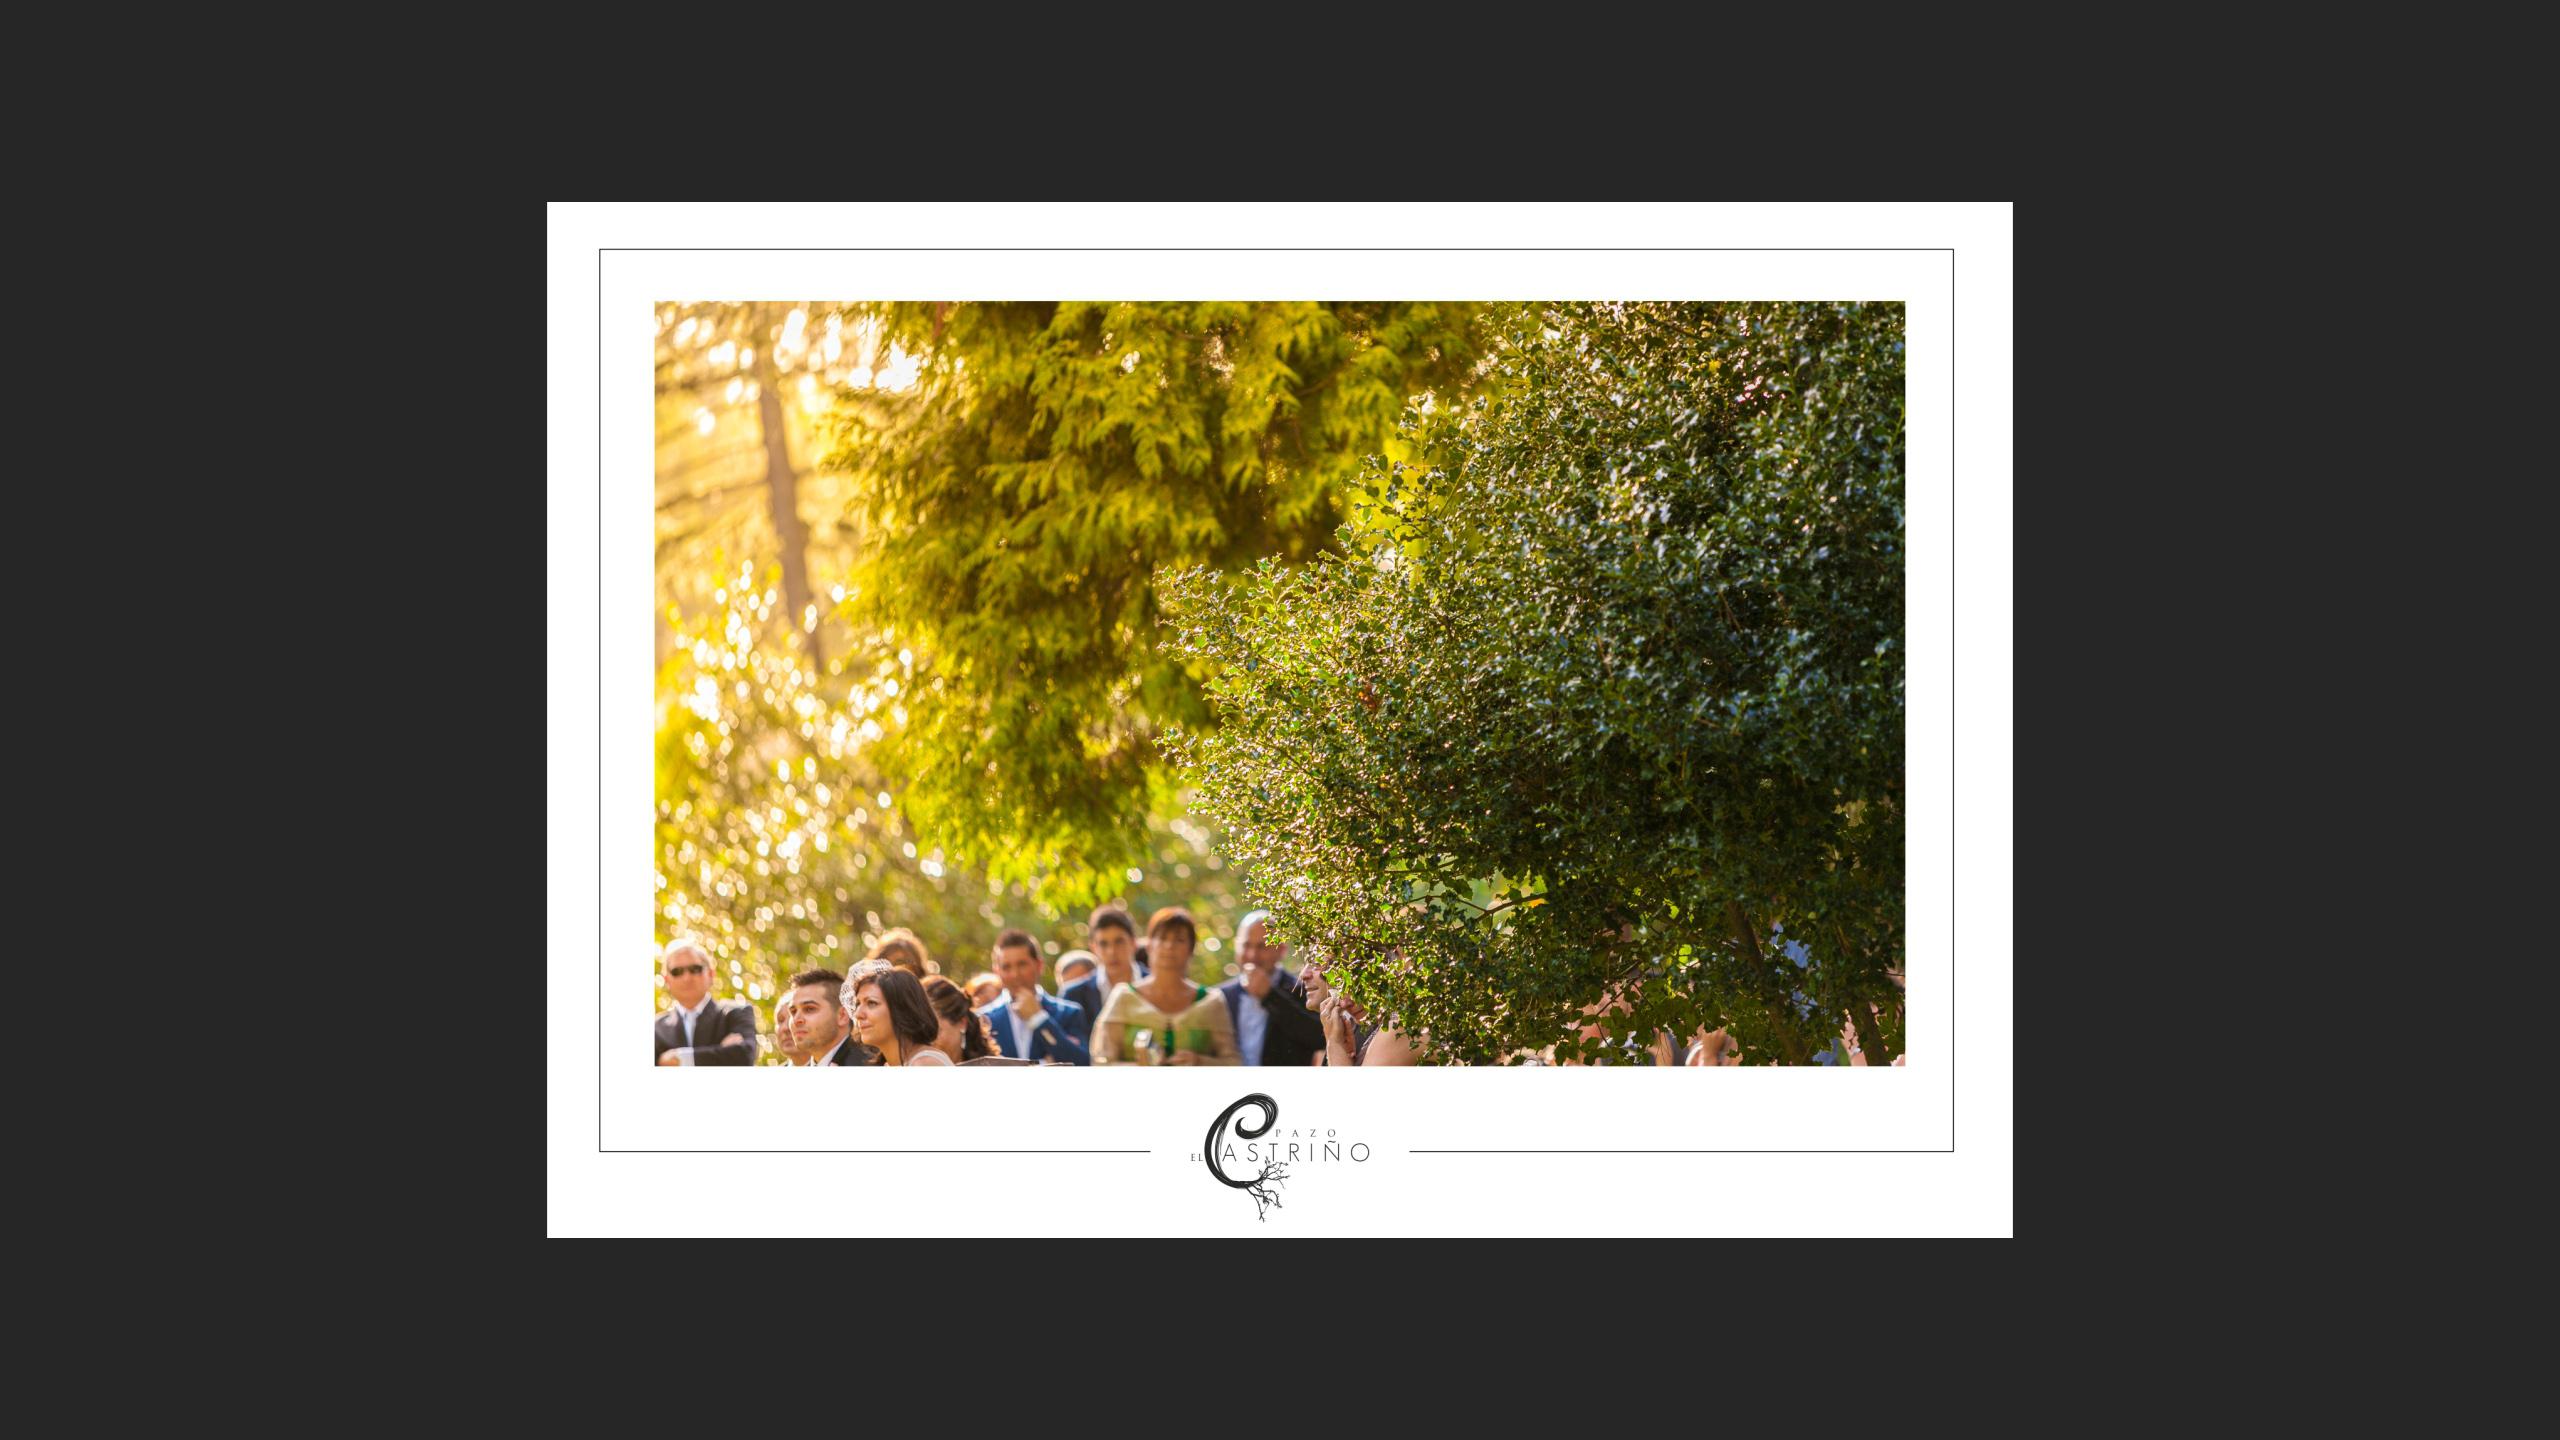 Diseño Pazo O Castriño propuesta diseño postales promocionales 1